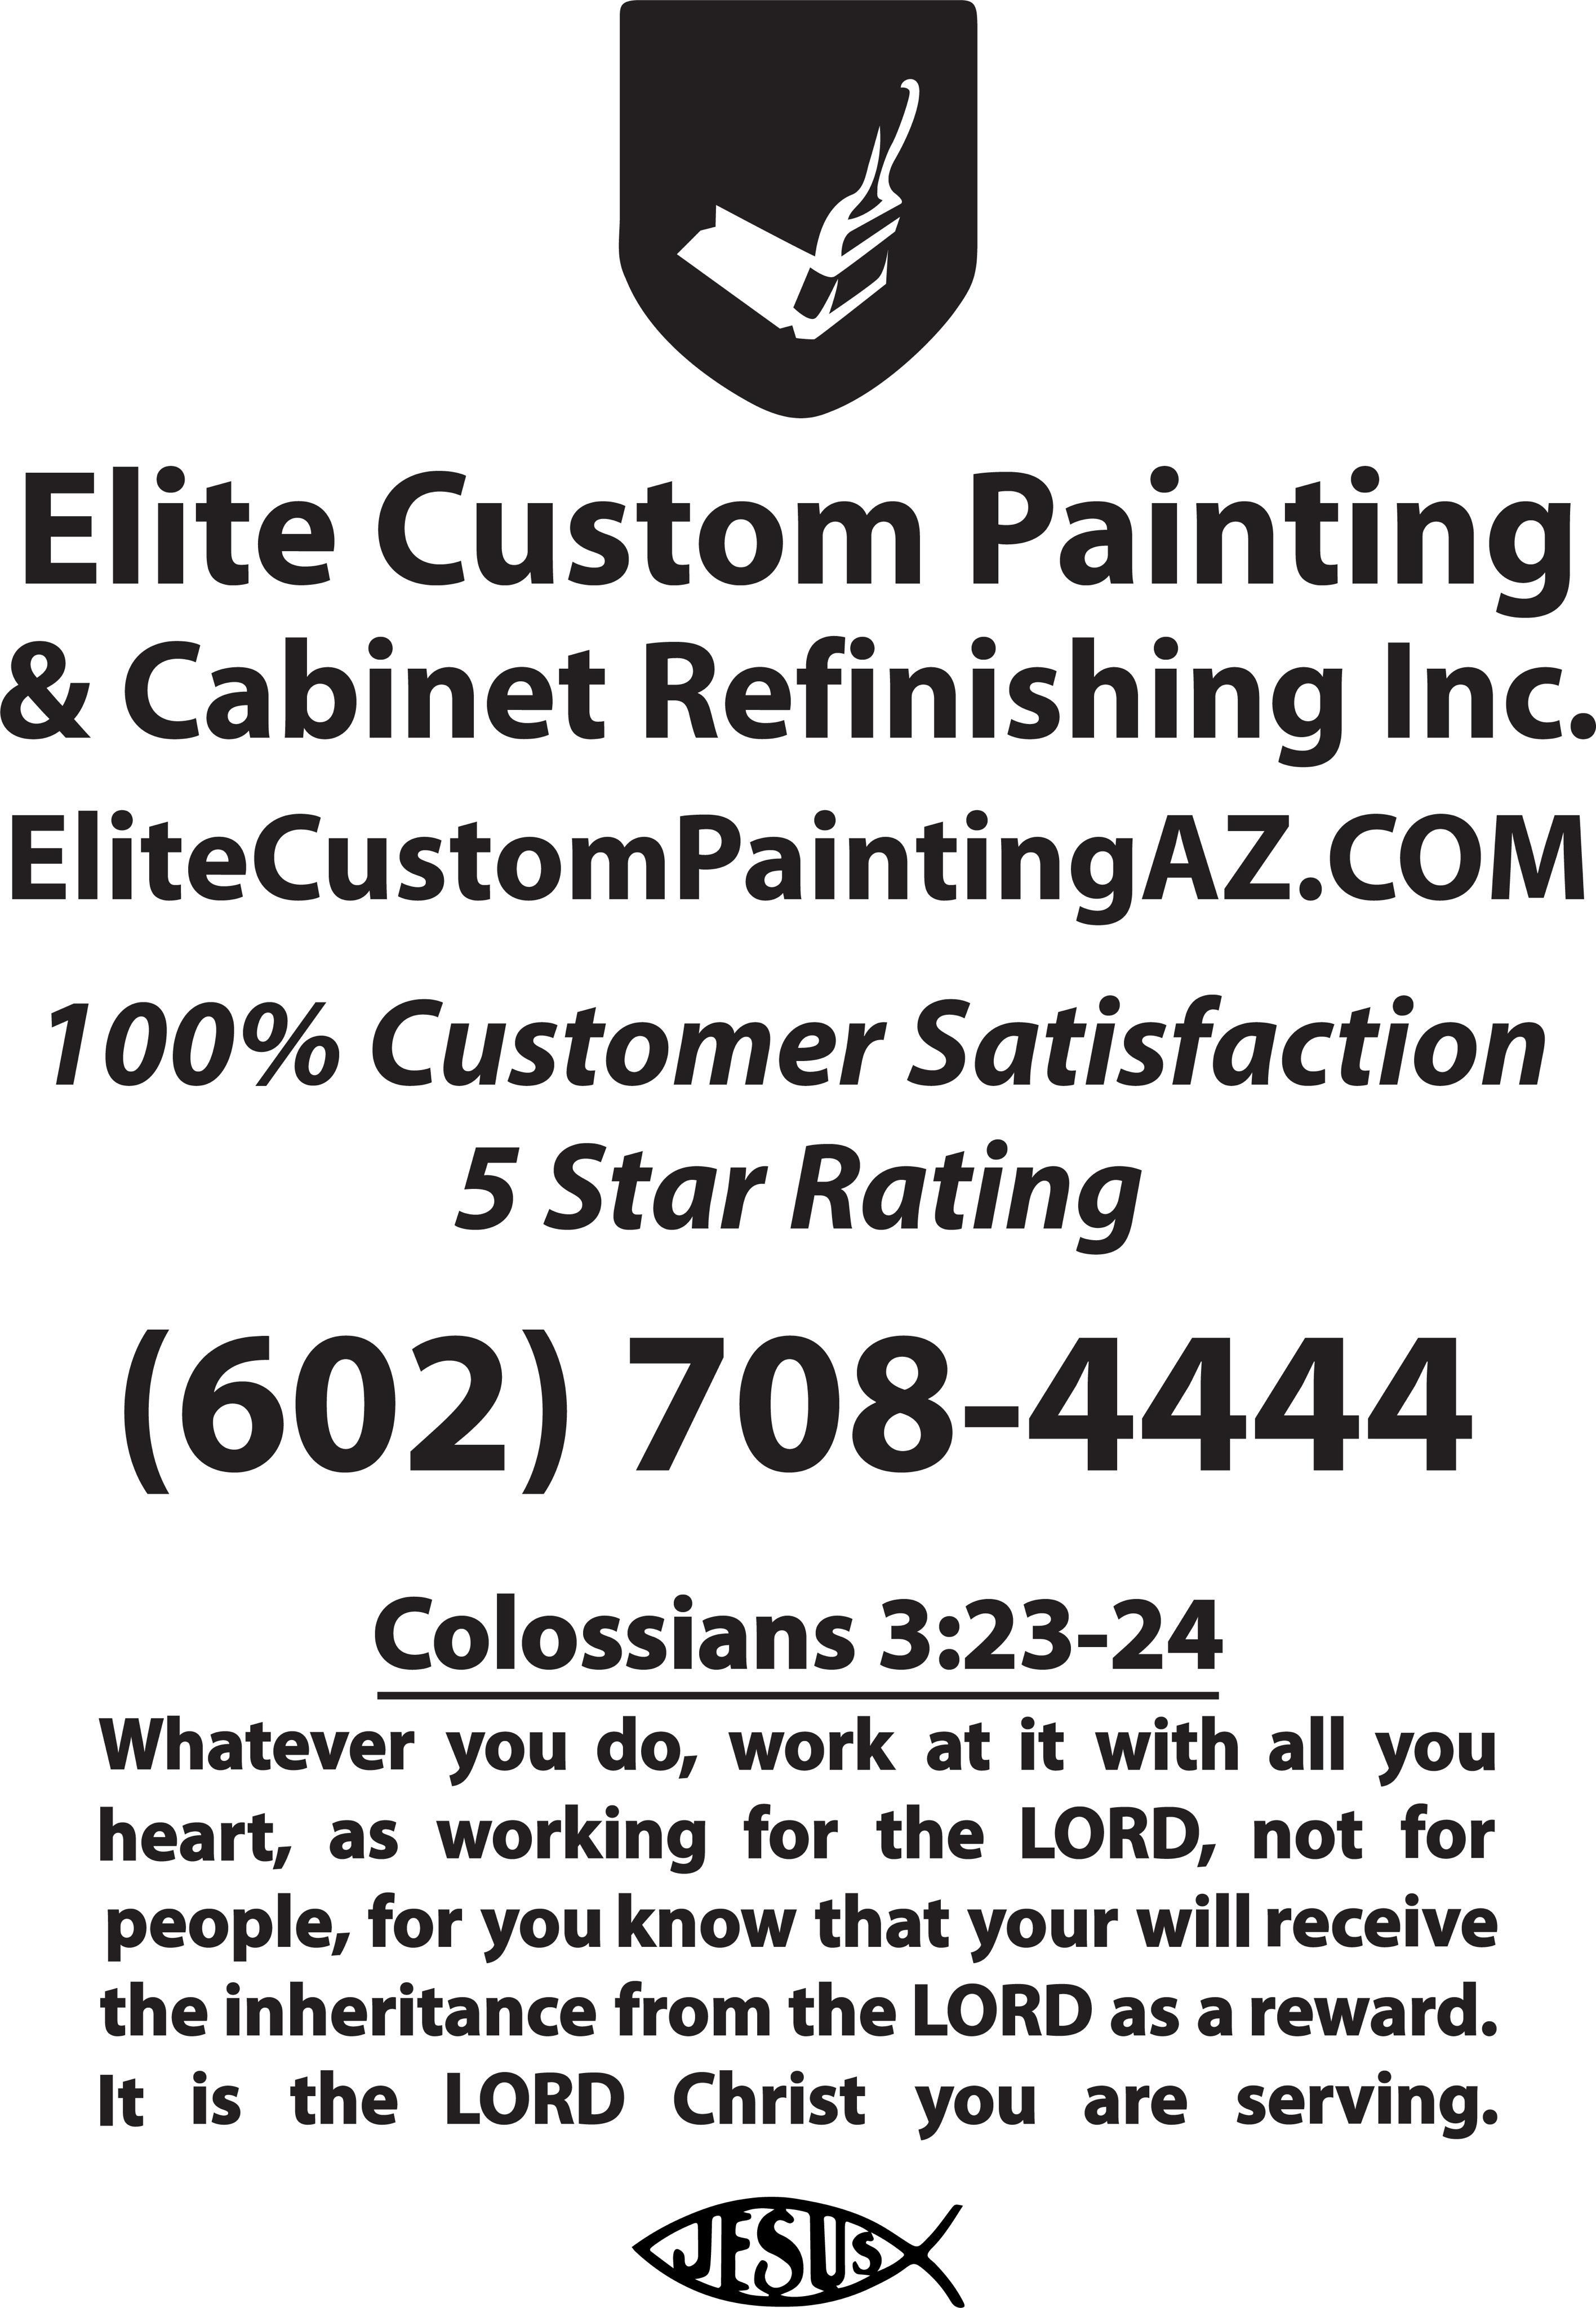 ELITE Custom Painting & Cabinet Refinishing Inc image 0